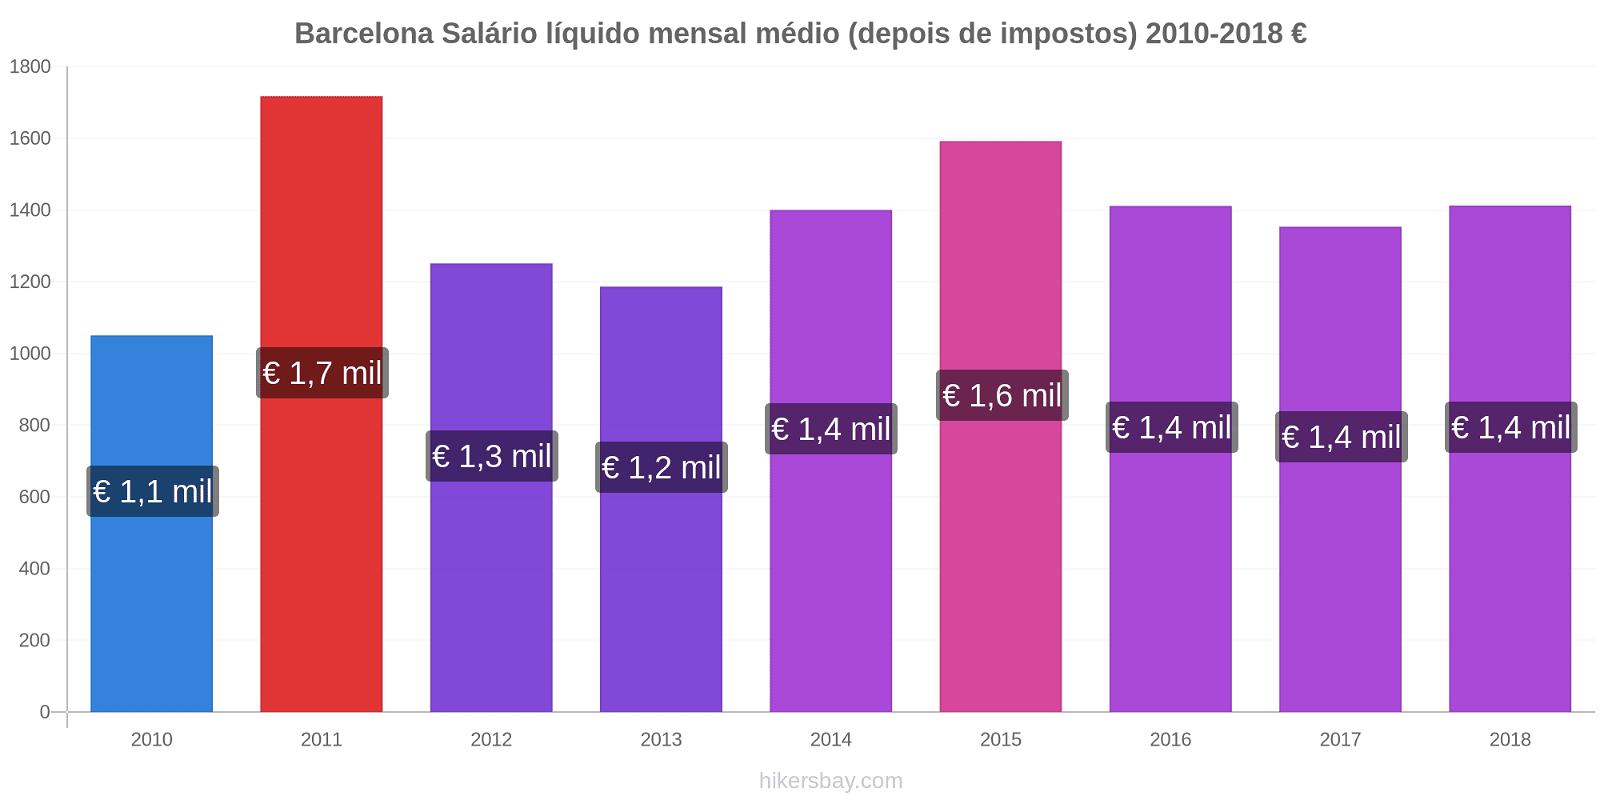 Barcelona variação de preço Salário líquido mensal médio (depois de impostos) hikersbay.com